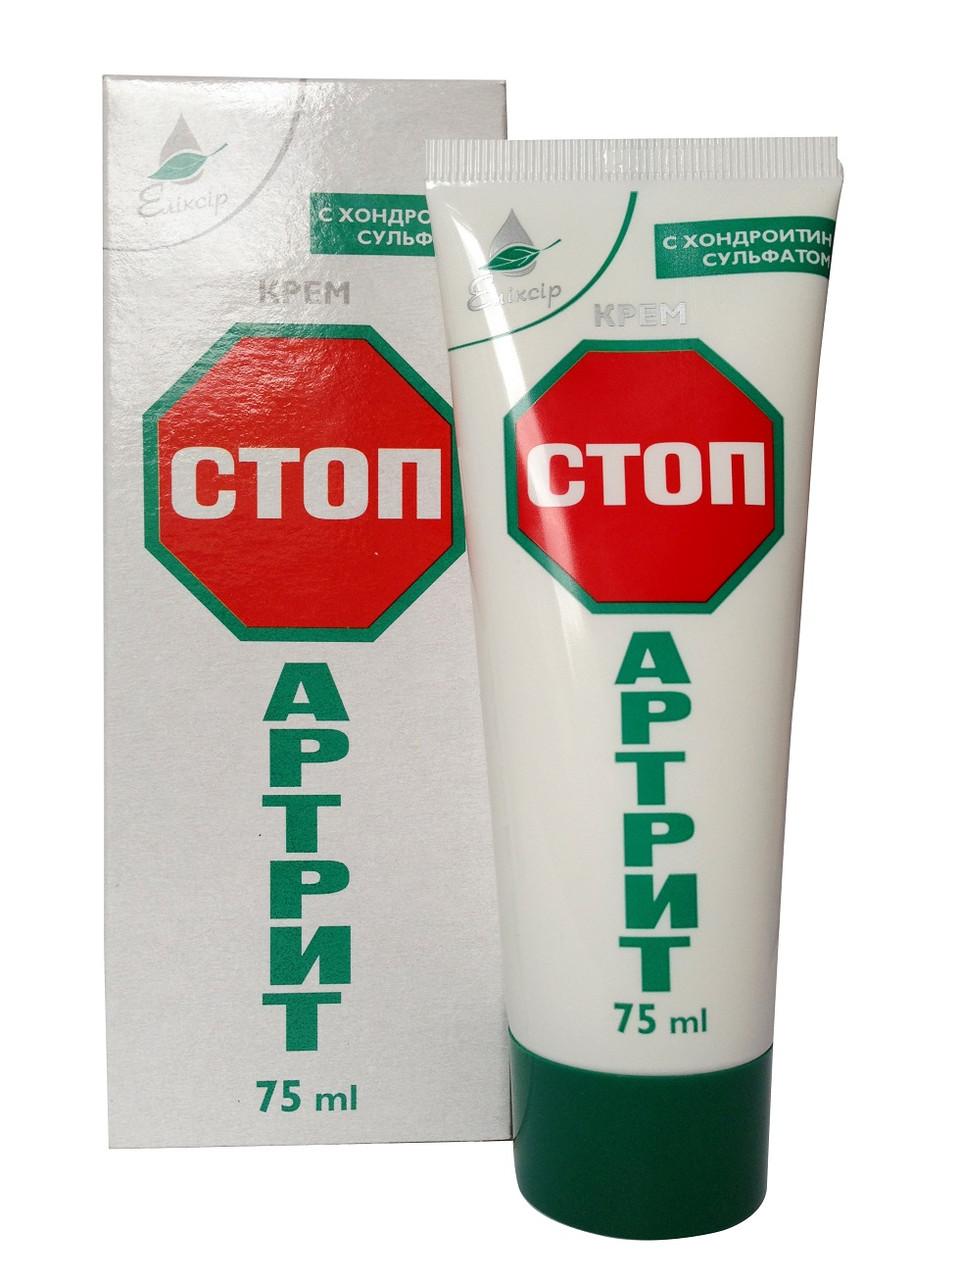 Eliksir - ARTHROSTOP, krém balzam na telo 75 ml